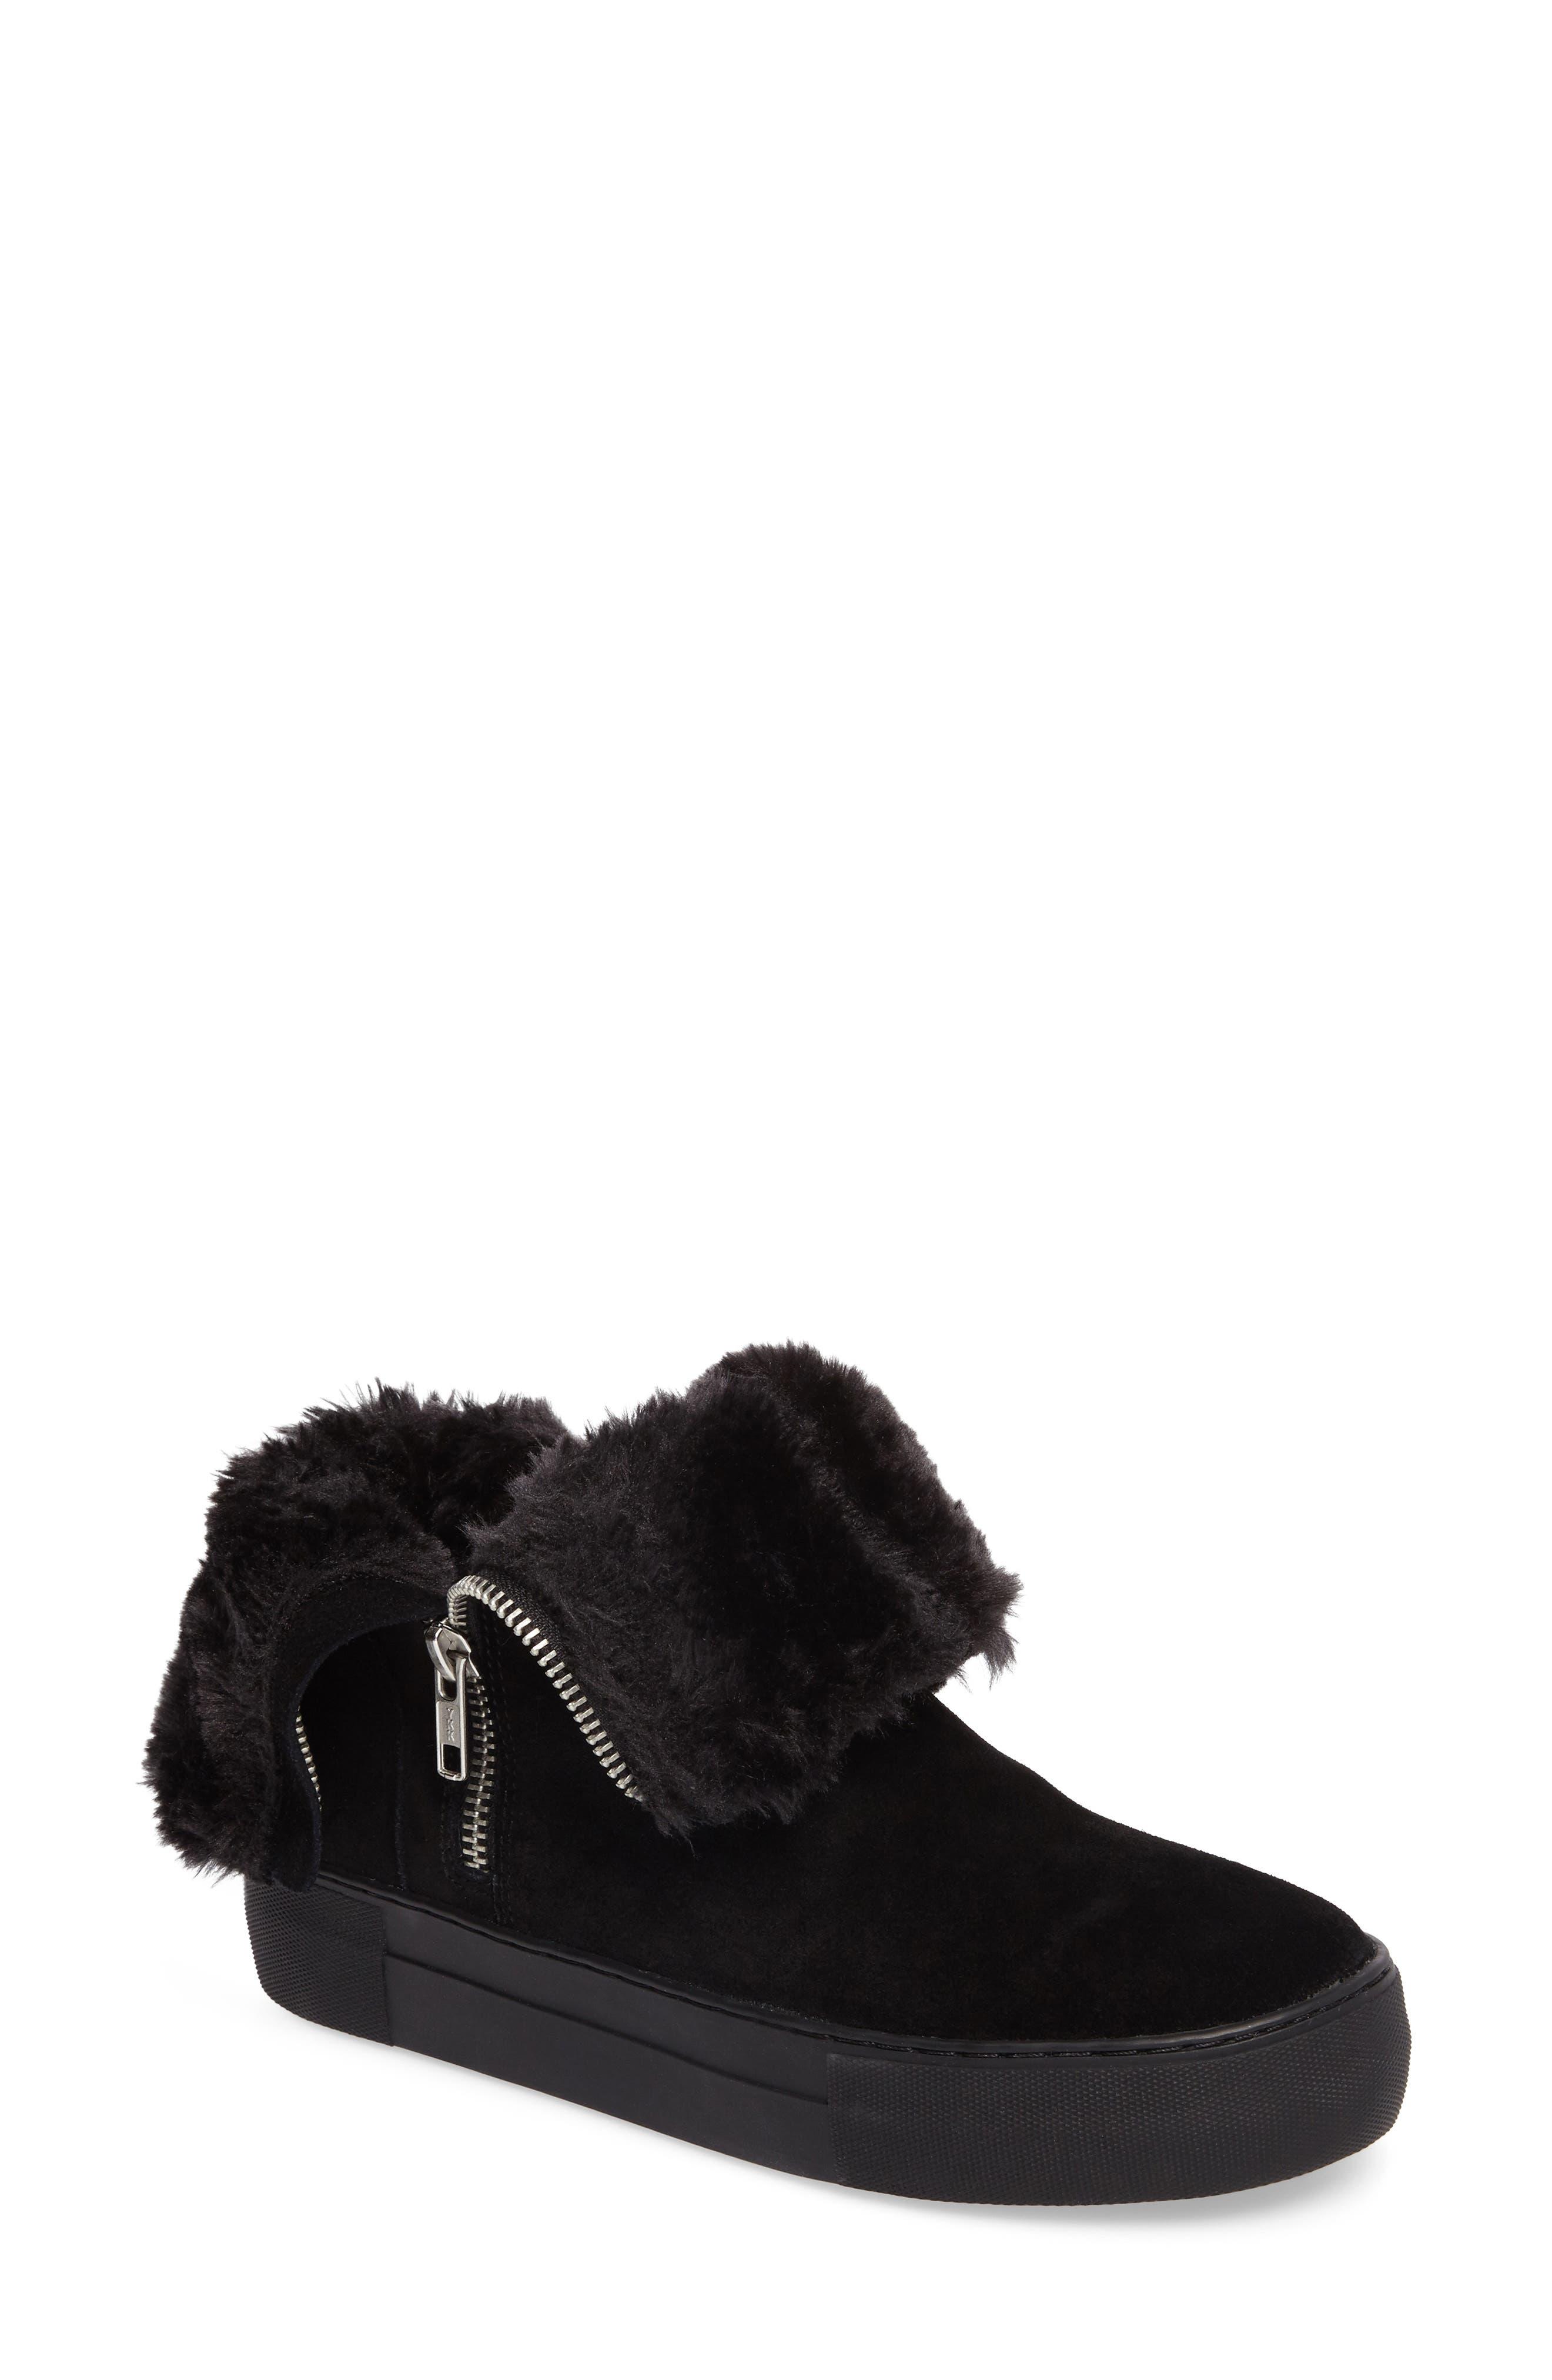 d70ef00b130e Jslides Allie Faux Fur Lined Platform Boot In Black Suede